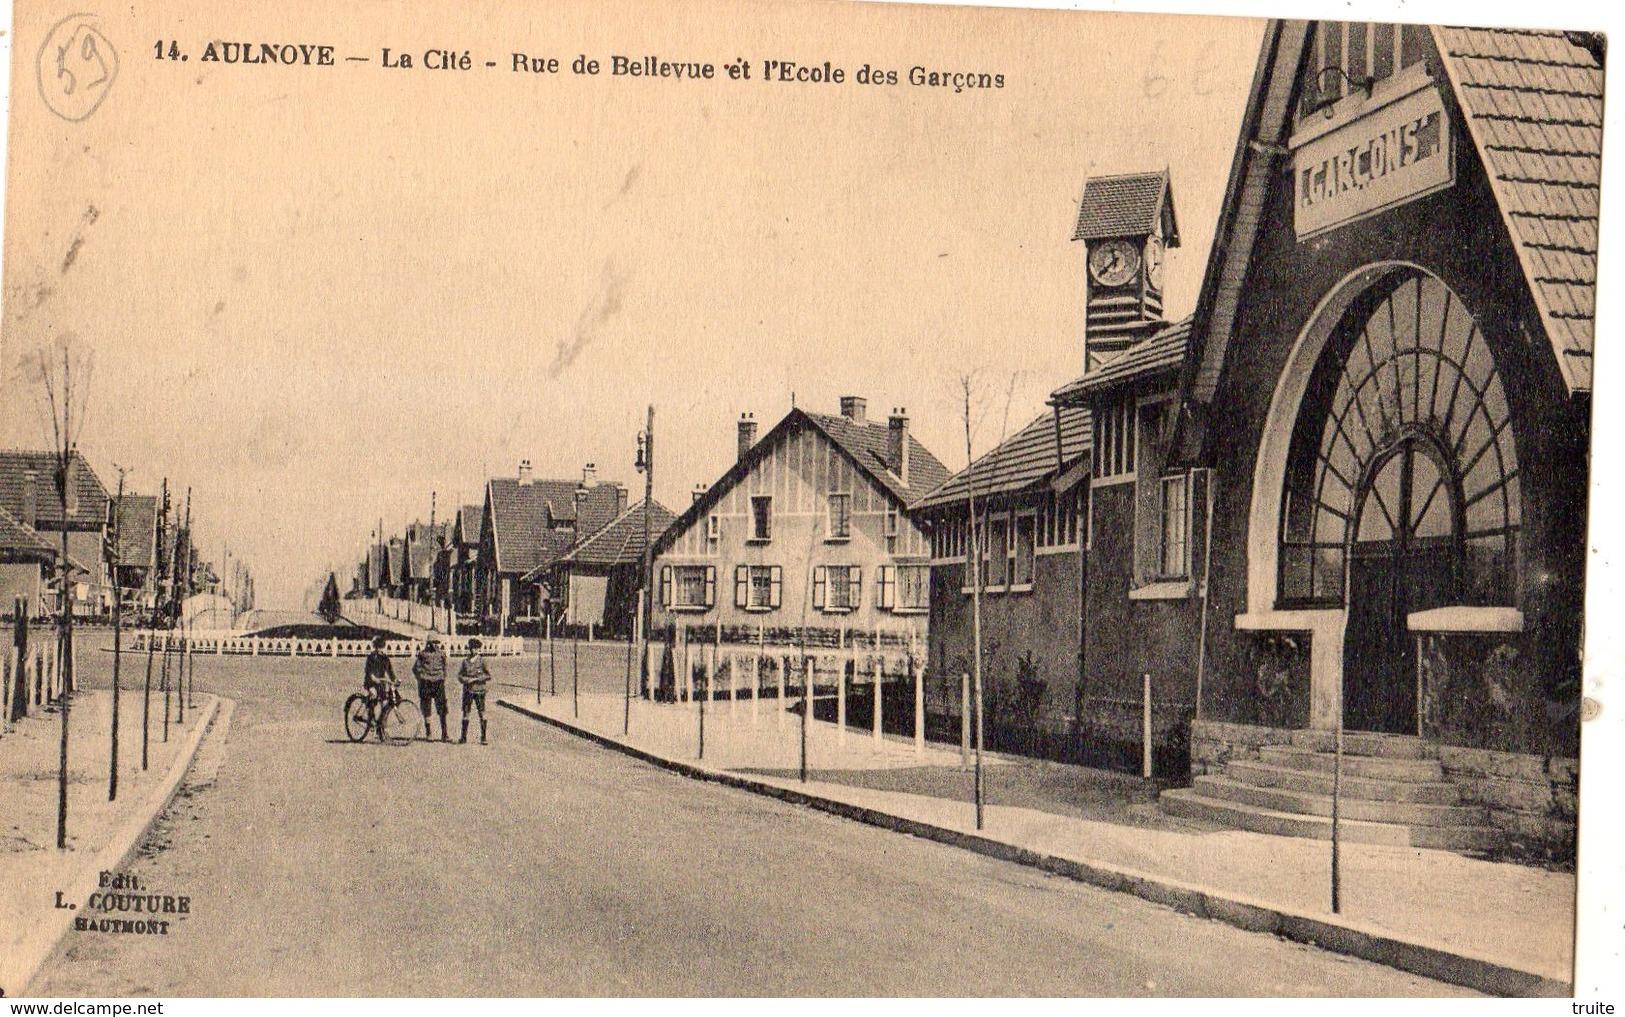 AULNOYE LA CITE RUE DE BELLEVUE ET L'ECOLE DES GARCONS - Aulnoye